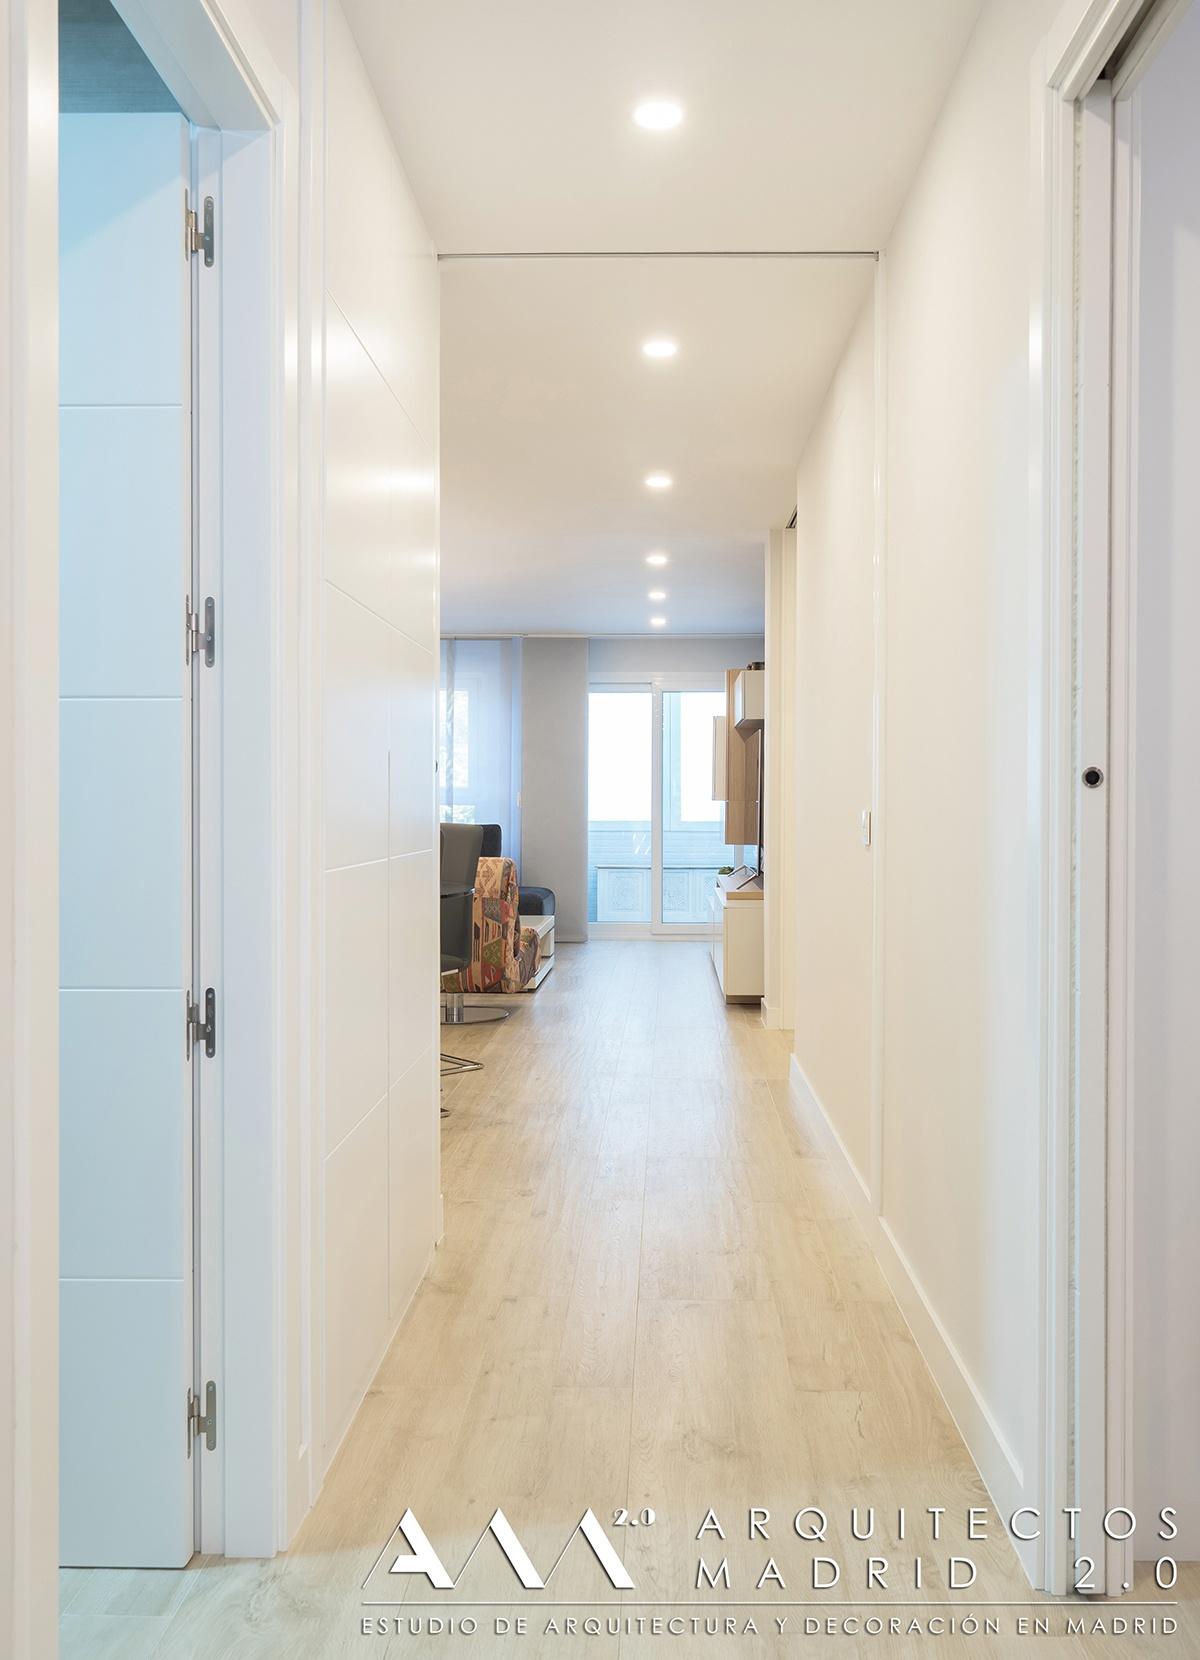 puertas-correderas-blancas-suelo-a-techo-madera-reformas-viviendas-ideas-decoracion-01